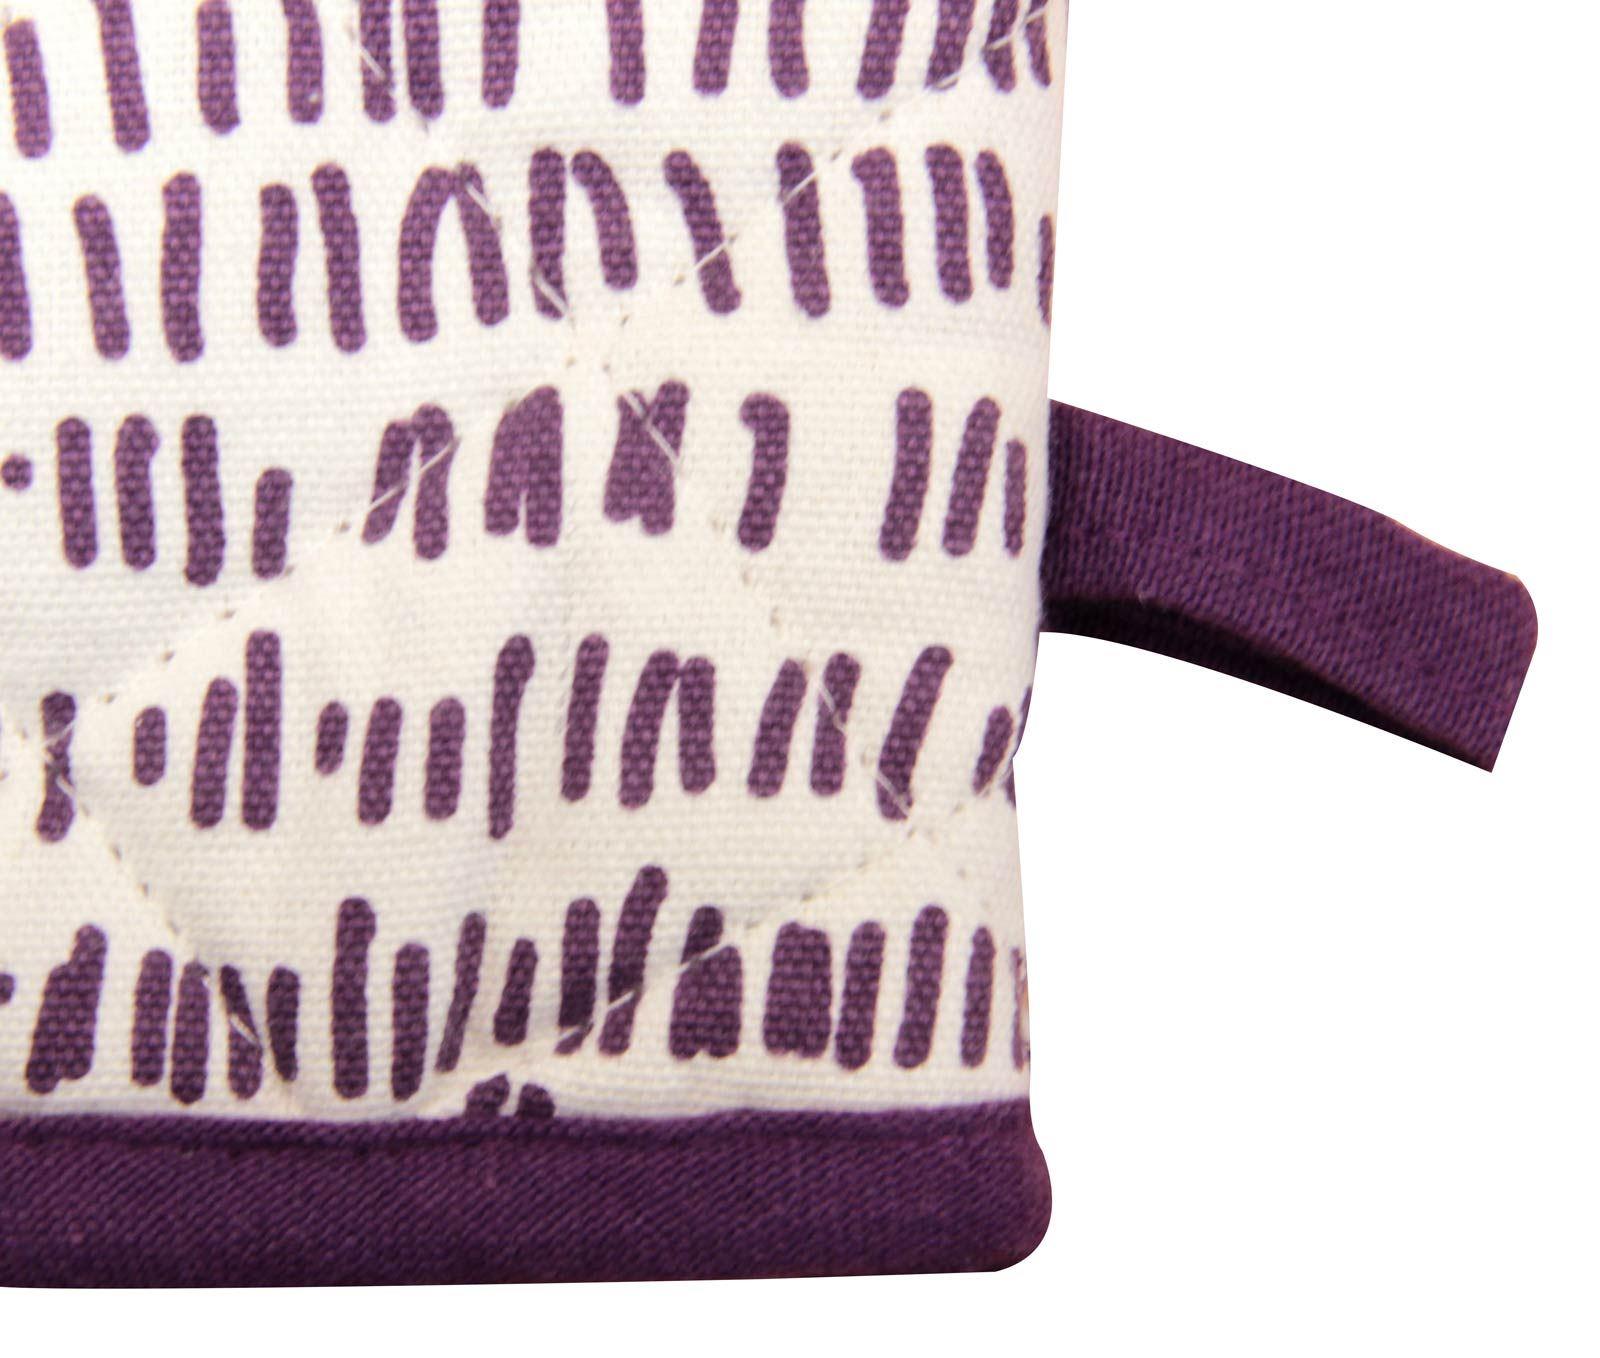 Four-Simple-Gants-100-Resistant-a-La-Chaleur-Coton-four-Gant-Moufles miniature 22